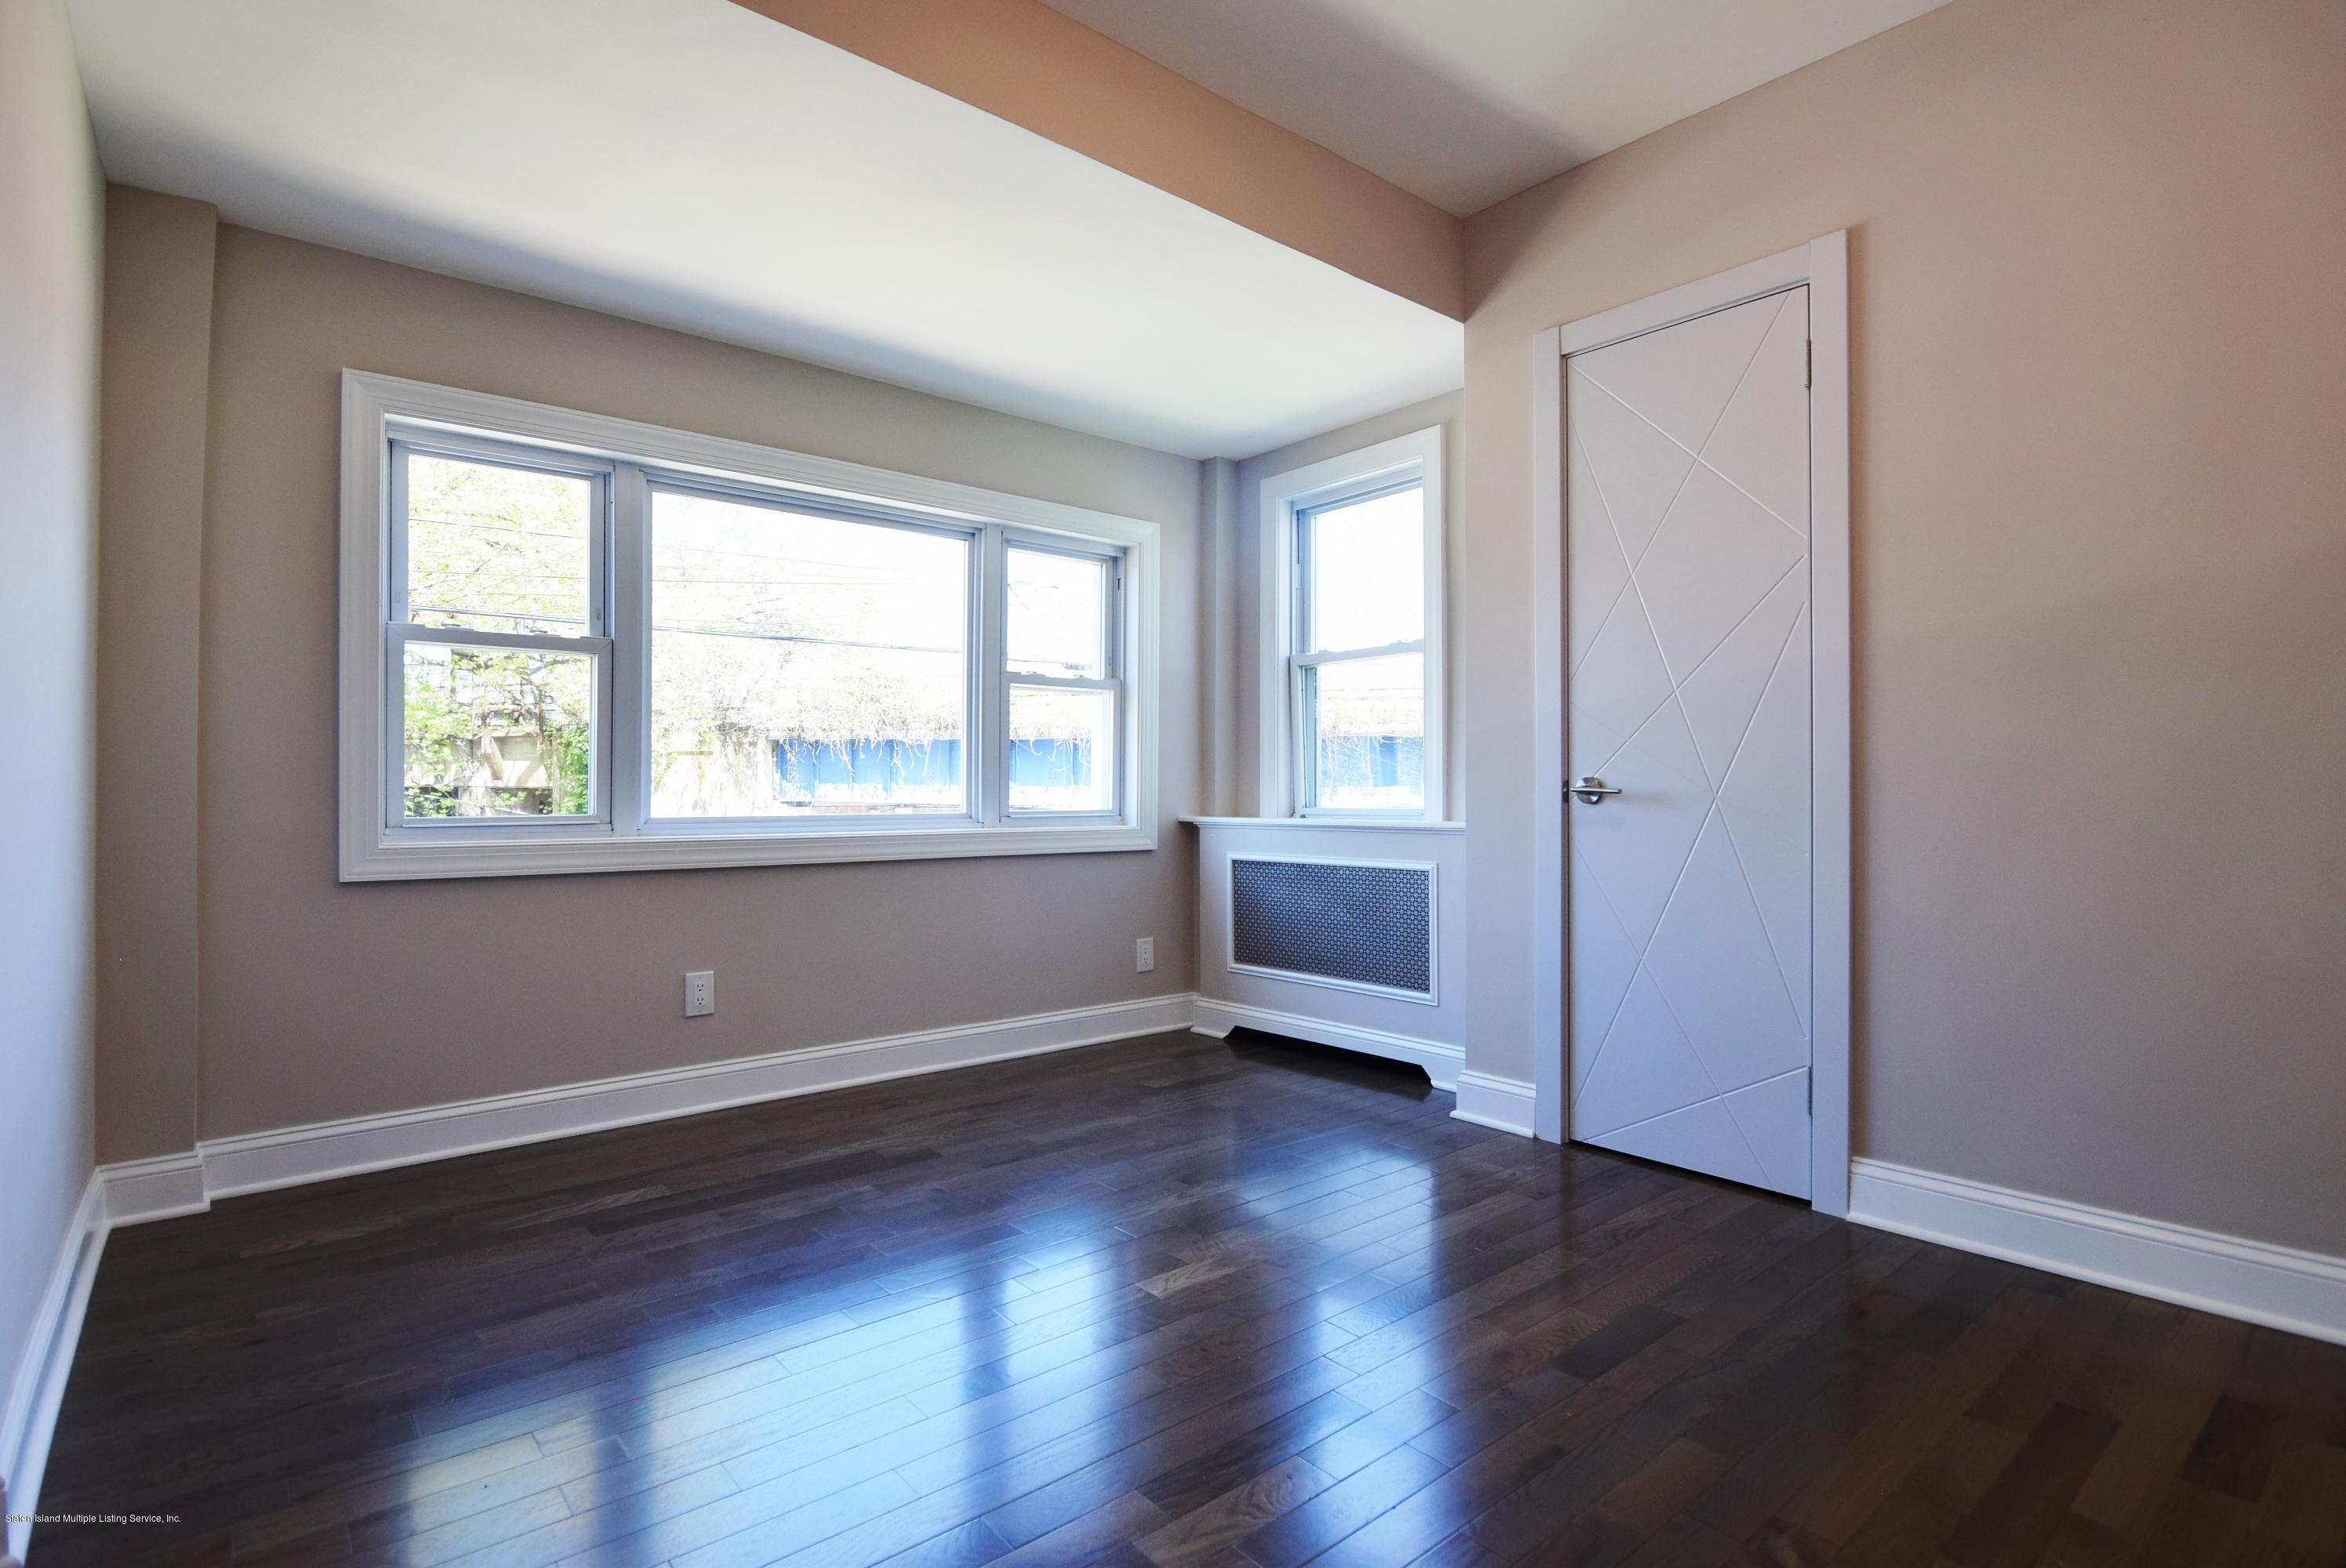 Single Family - Detached 55 Park Avenue  Staten Island, NY 10302, MLS-1128331-19